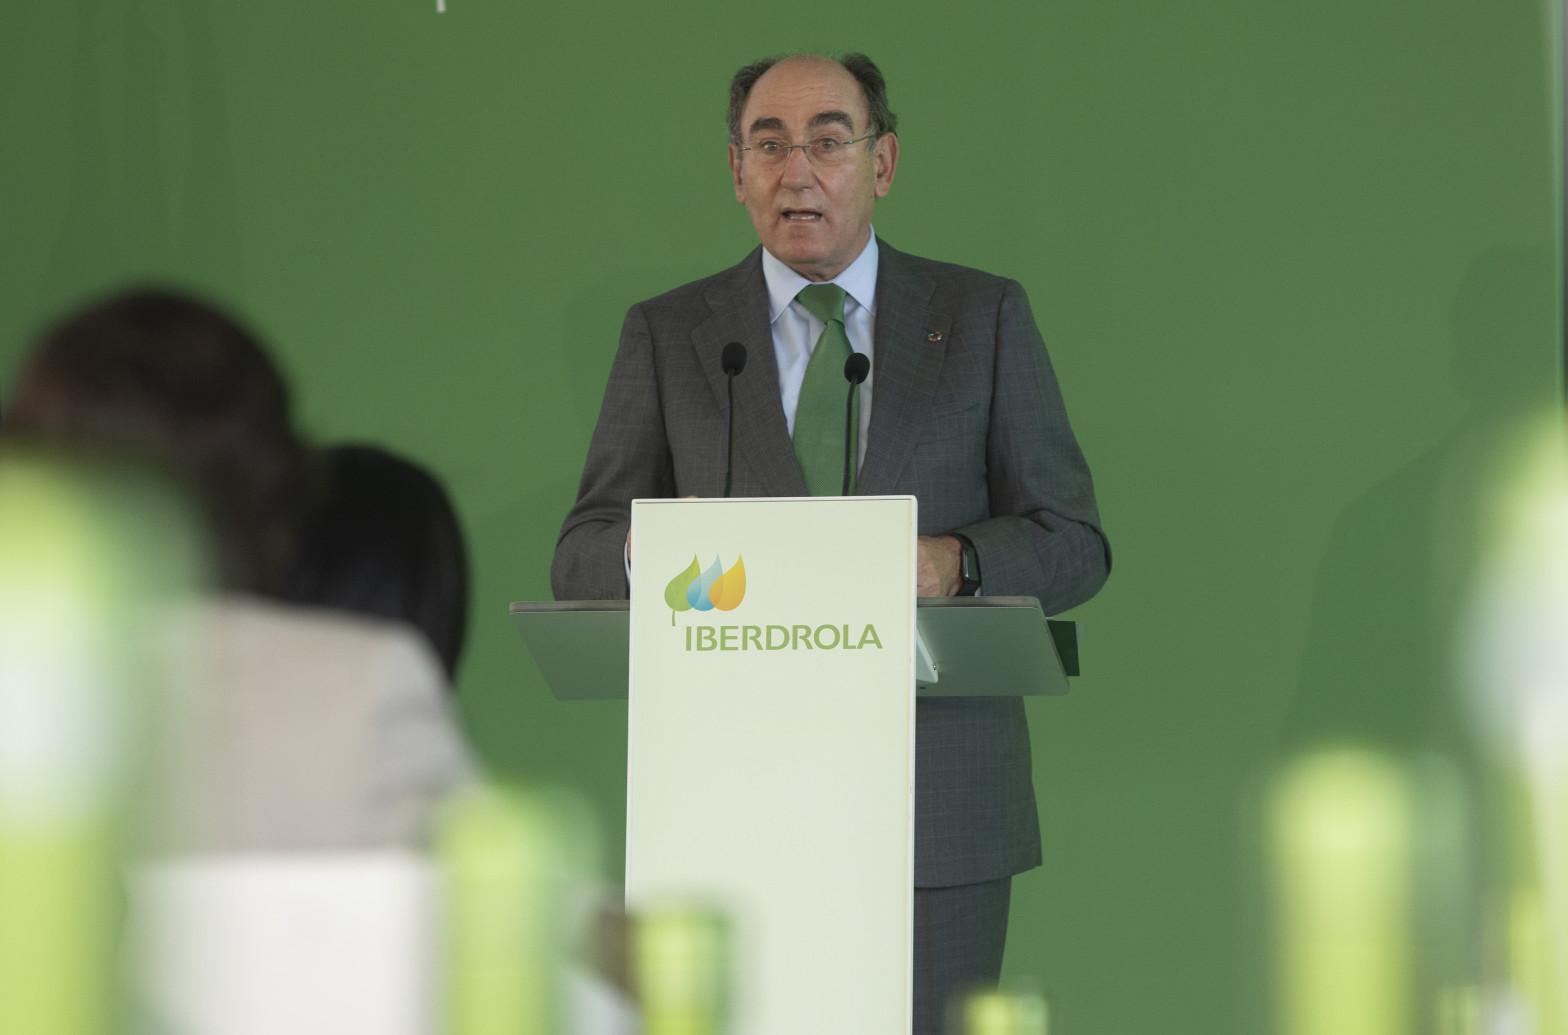 Antocorrupción pide la imputación de Iberdrola Renovables en el caso Villarejo